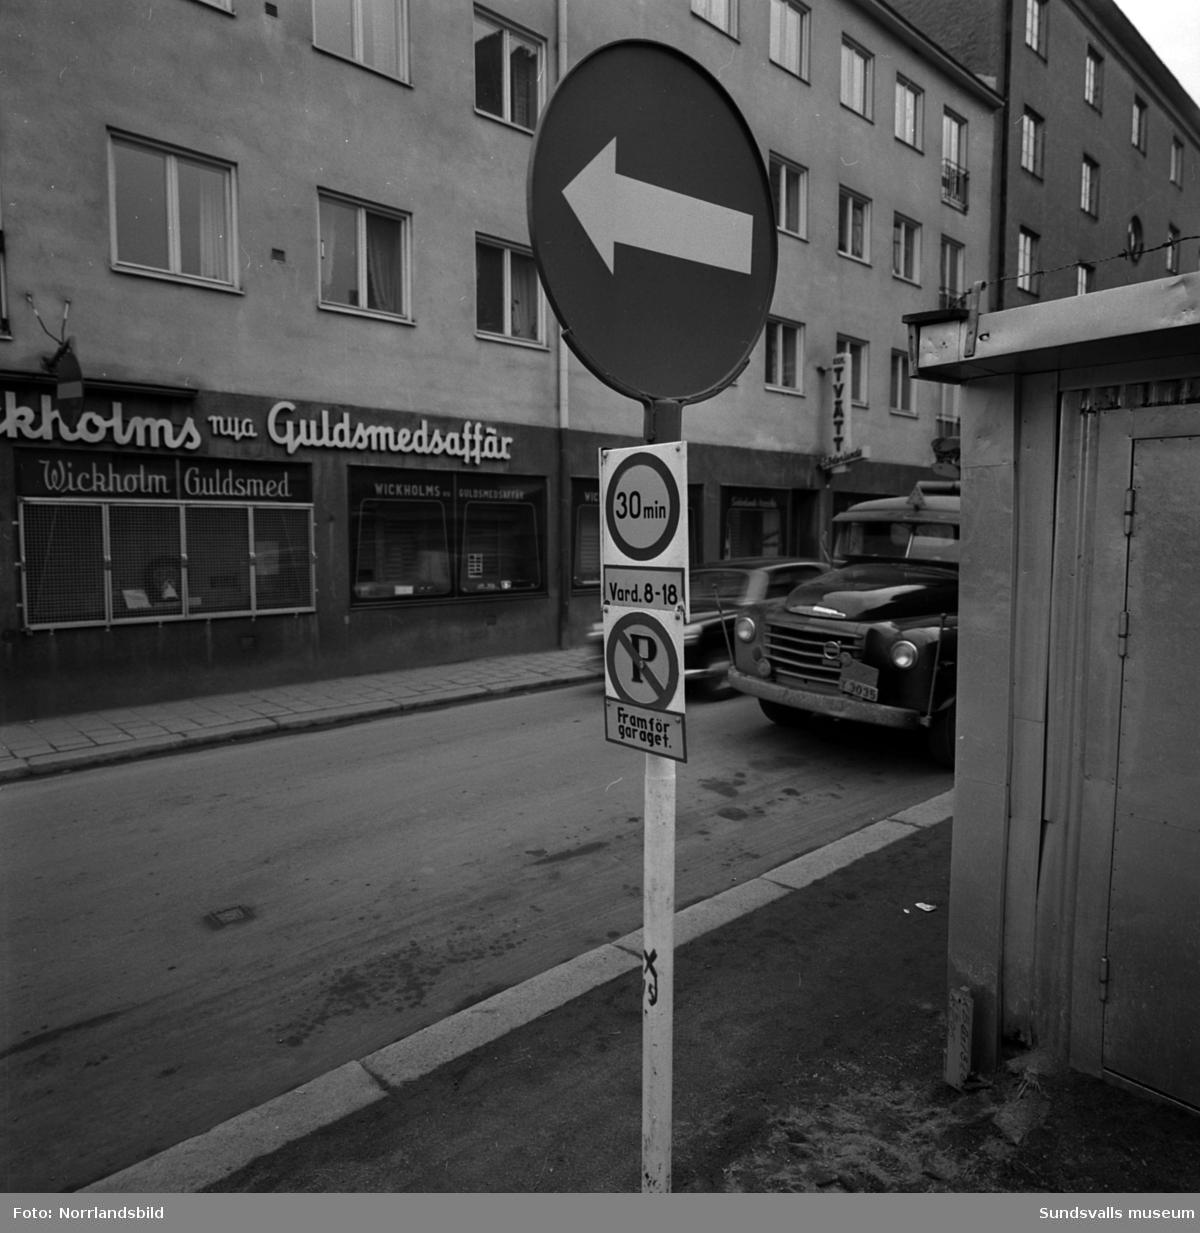 Vägskylt med mycket information på samma stolpe. I bakgrunden Wickholms guldsmedsaffär i korsningen Trädgårdsgatan-Nybrogatan.